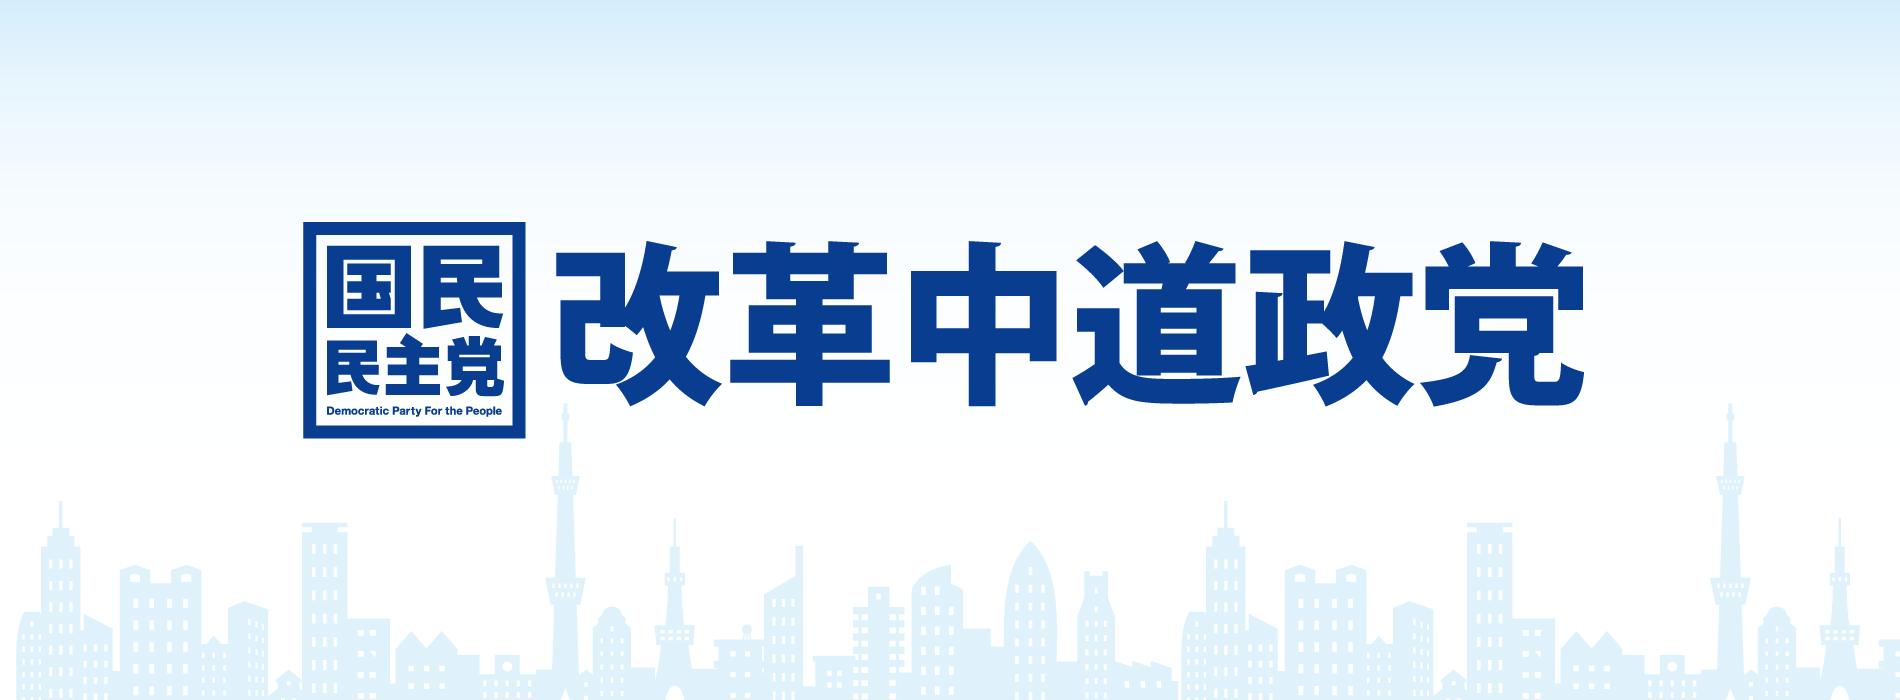 改革中道政党「国民民主党」